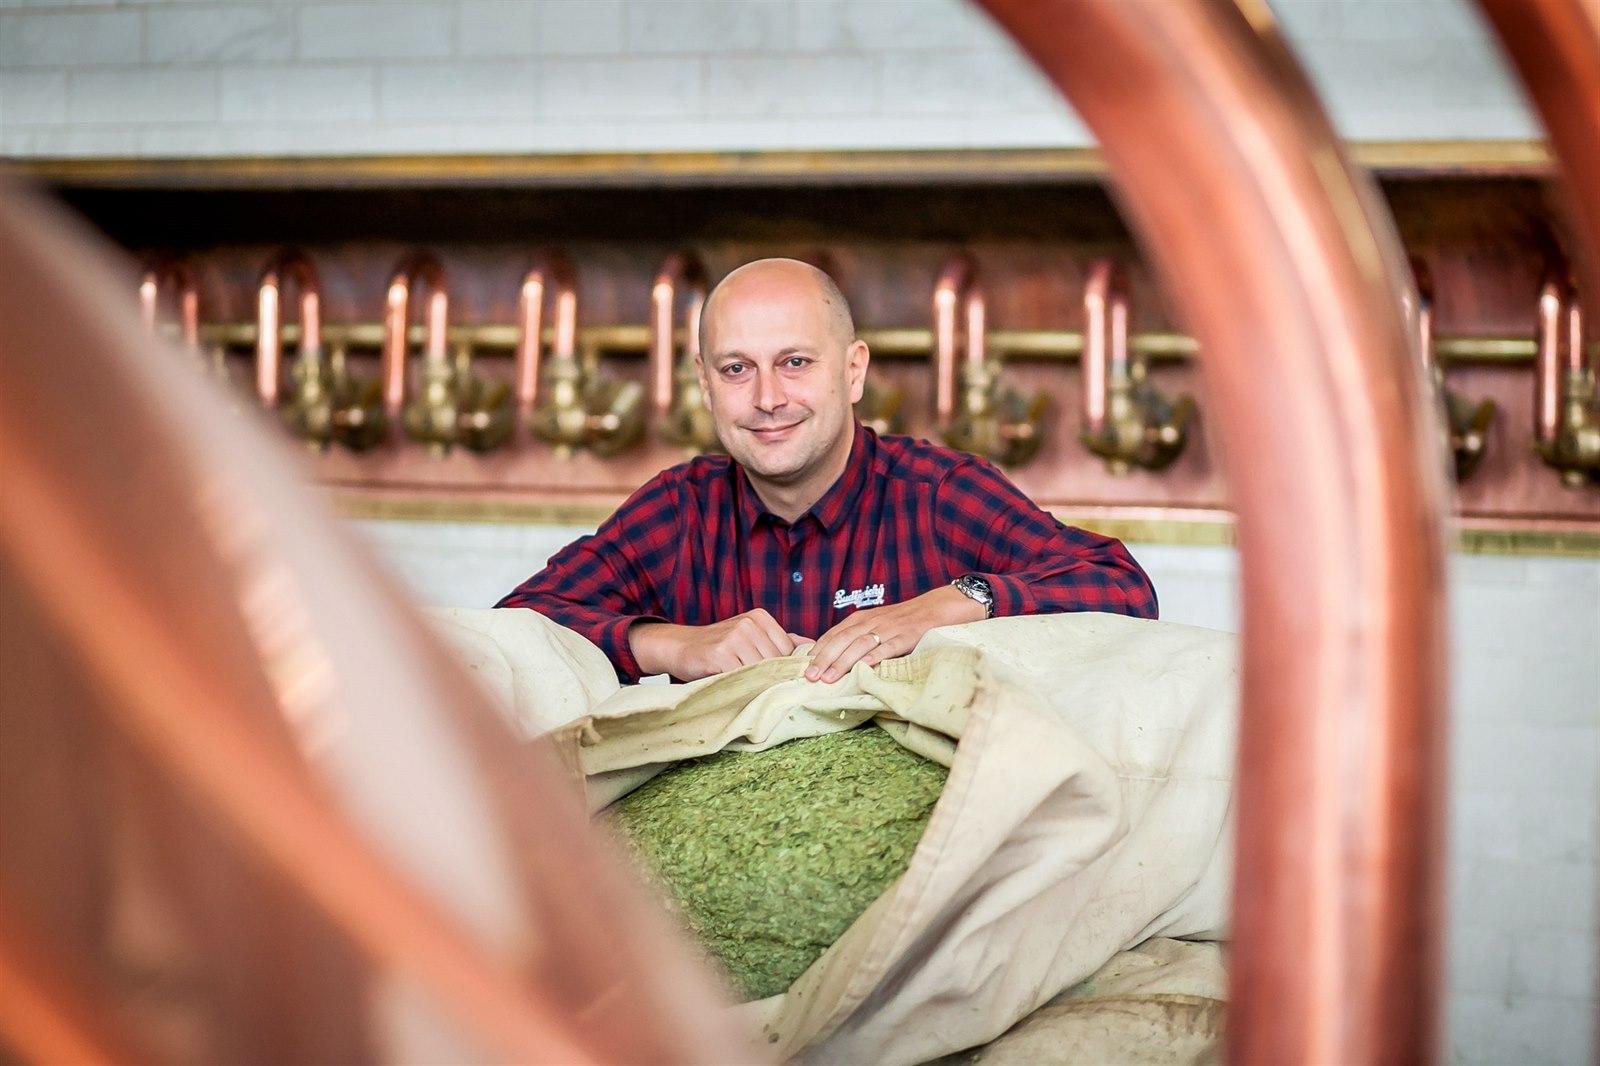 Americké pivní soutěže jsou lepší než ty české, říká vrchní sládek Budvaru